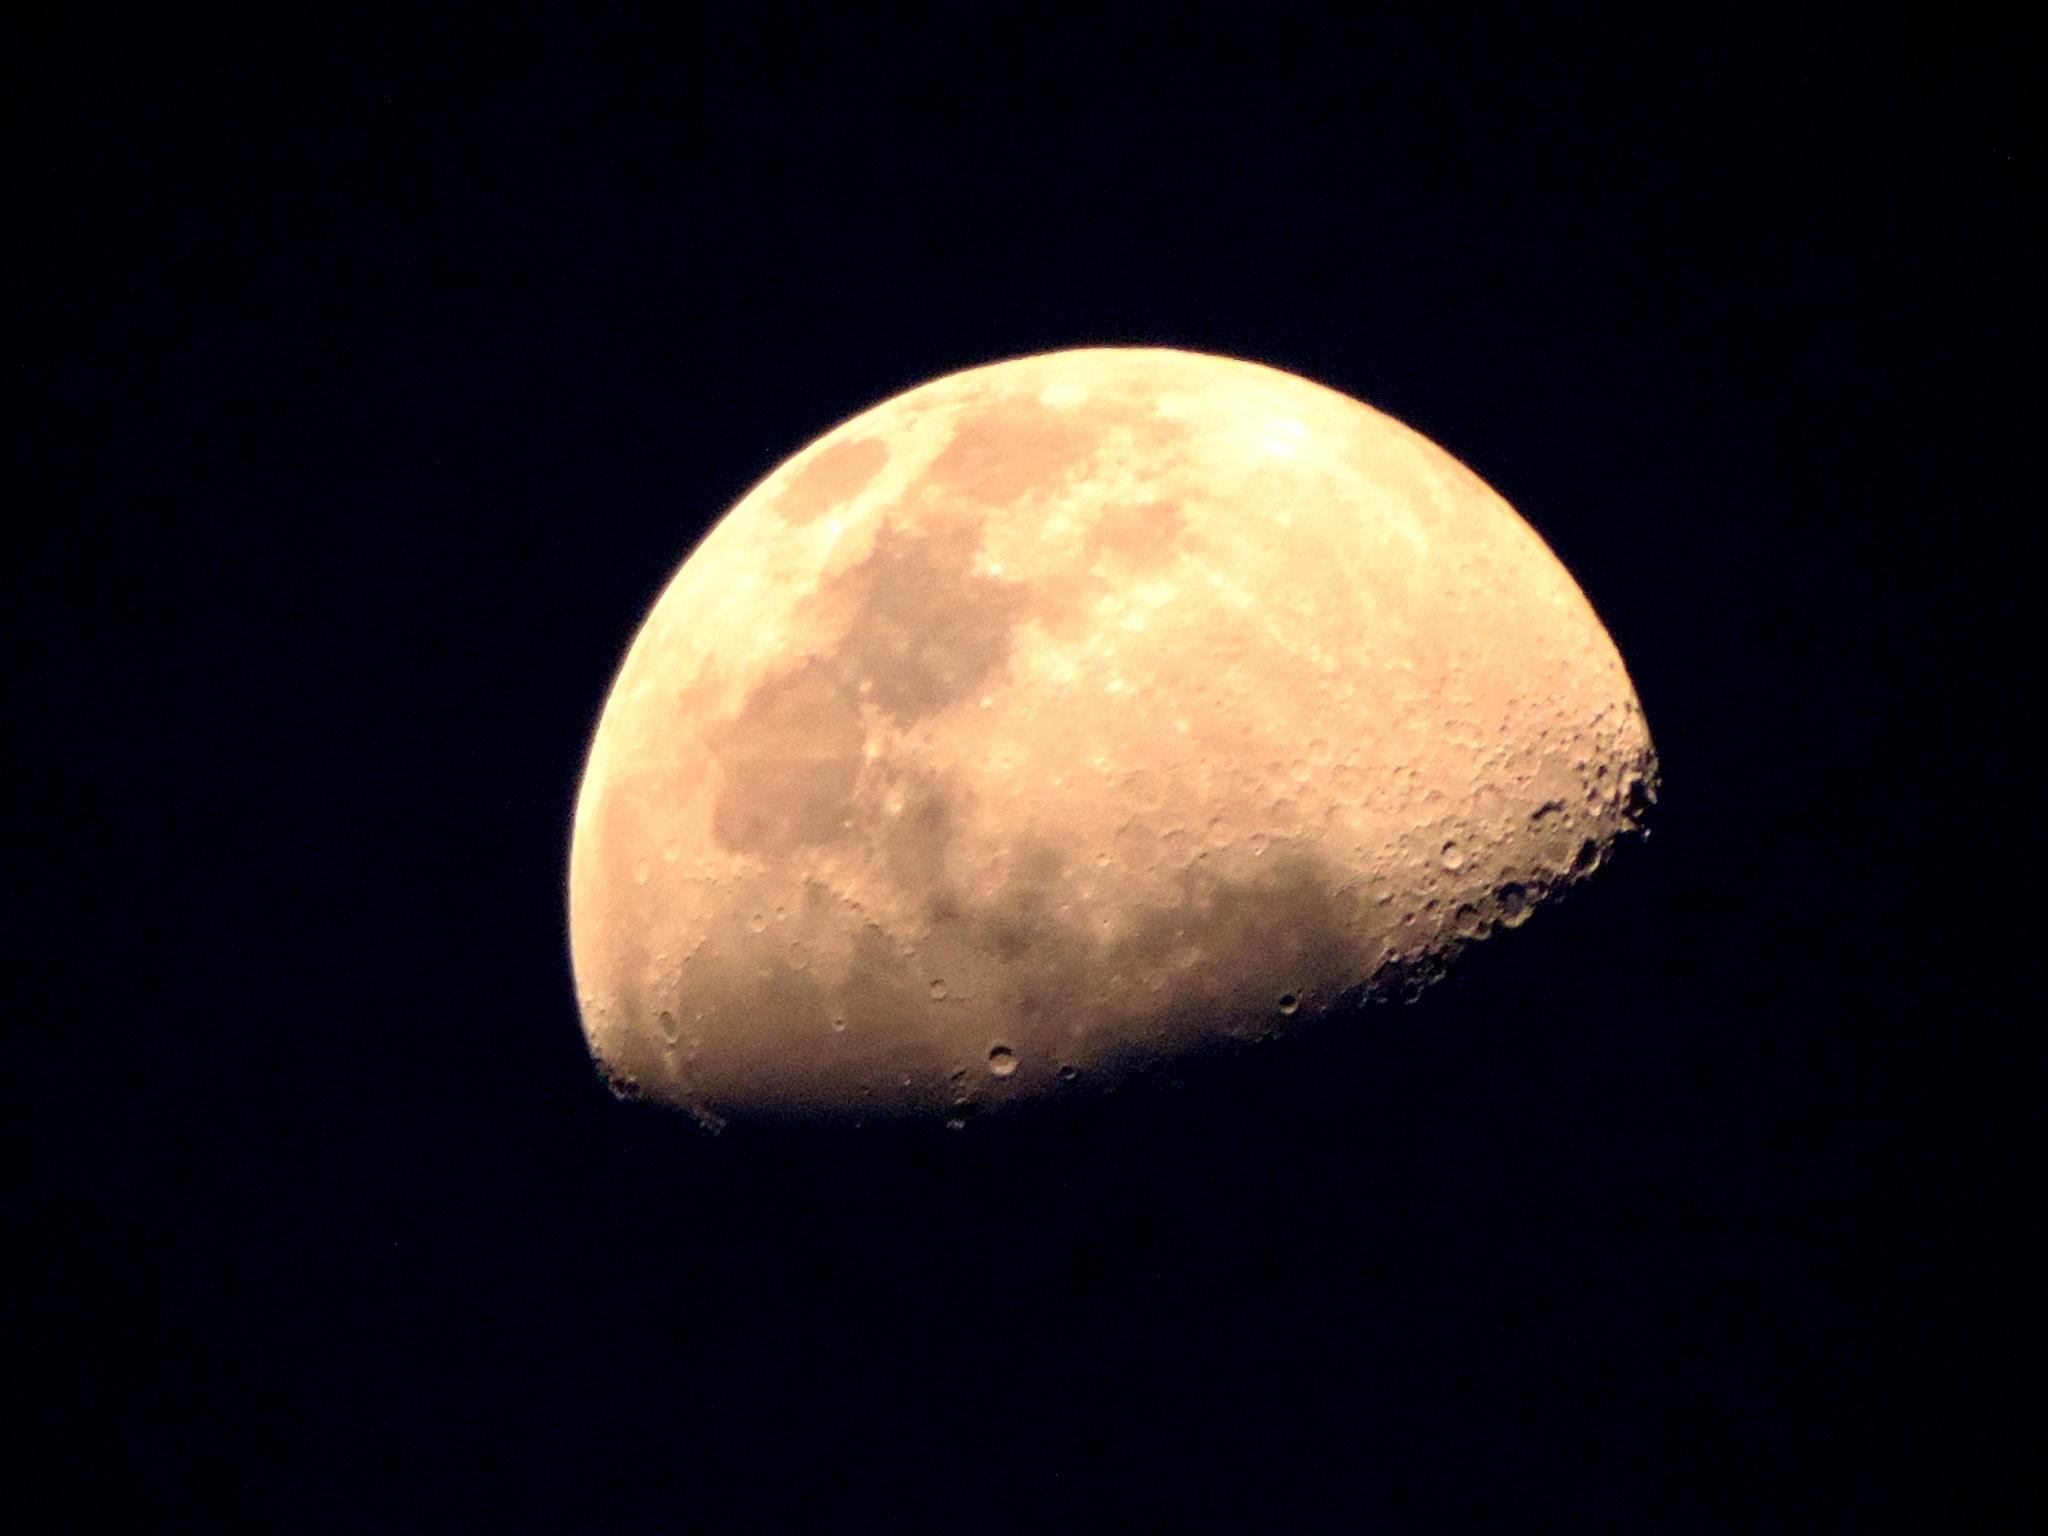 Moon in Black by Waldryano RJ